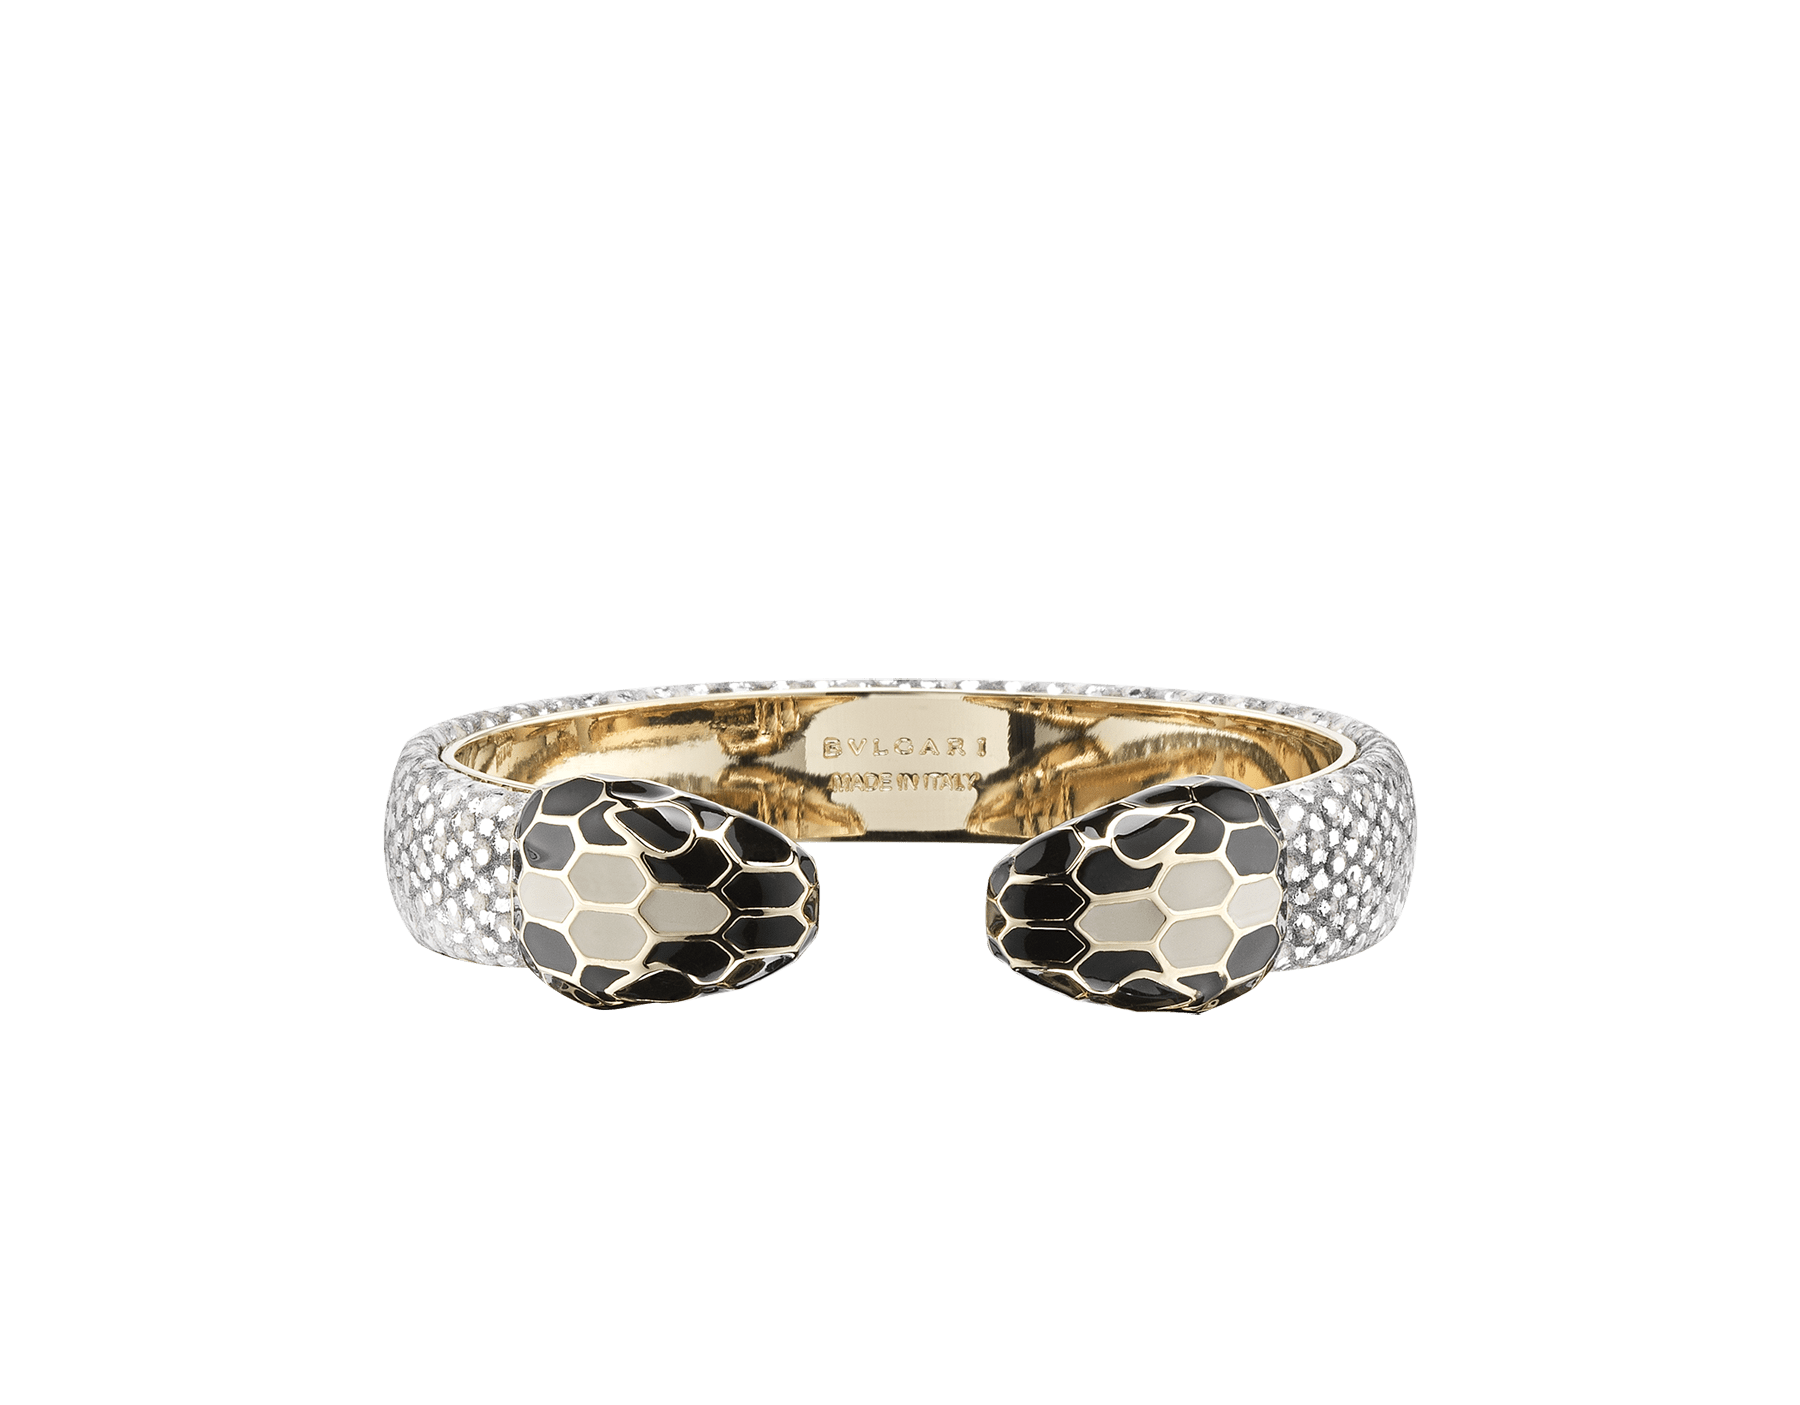 Bracelet jonc Serpenti Forever en karung métallisé couleur blanc agate avec détails en laiton doré. Motif en miroir Serpenti emblématique en émail noir et couleur blanc agate avec yeux en émail noir. 289183 image 1